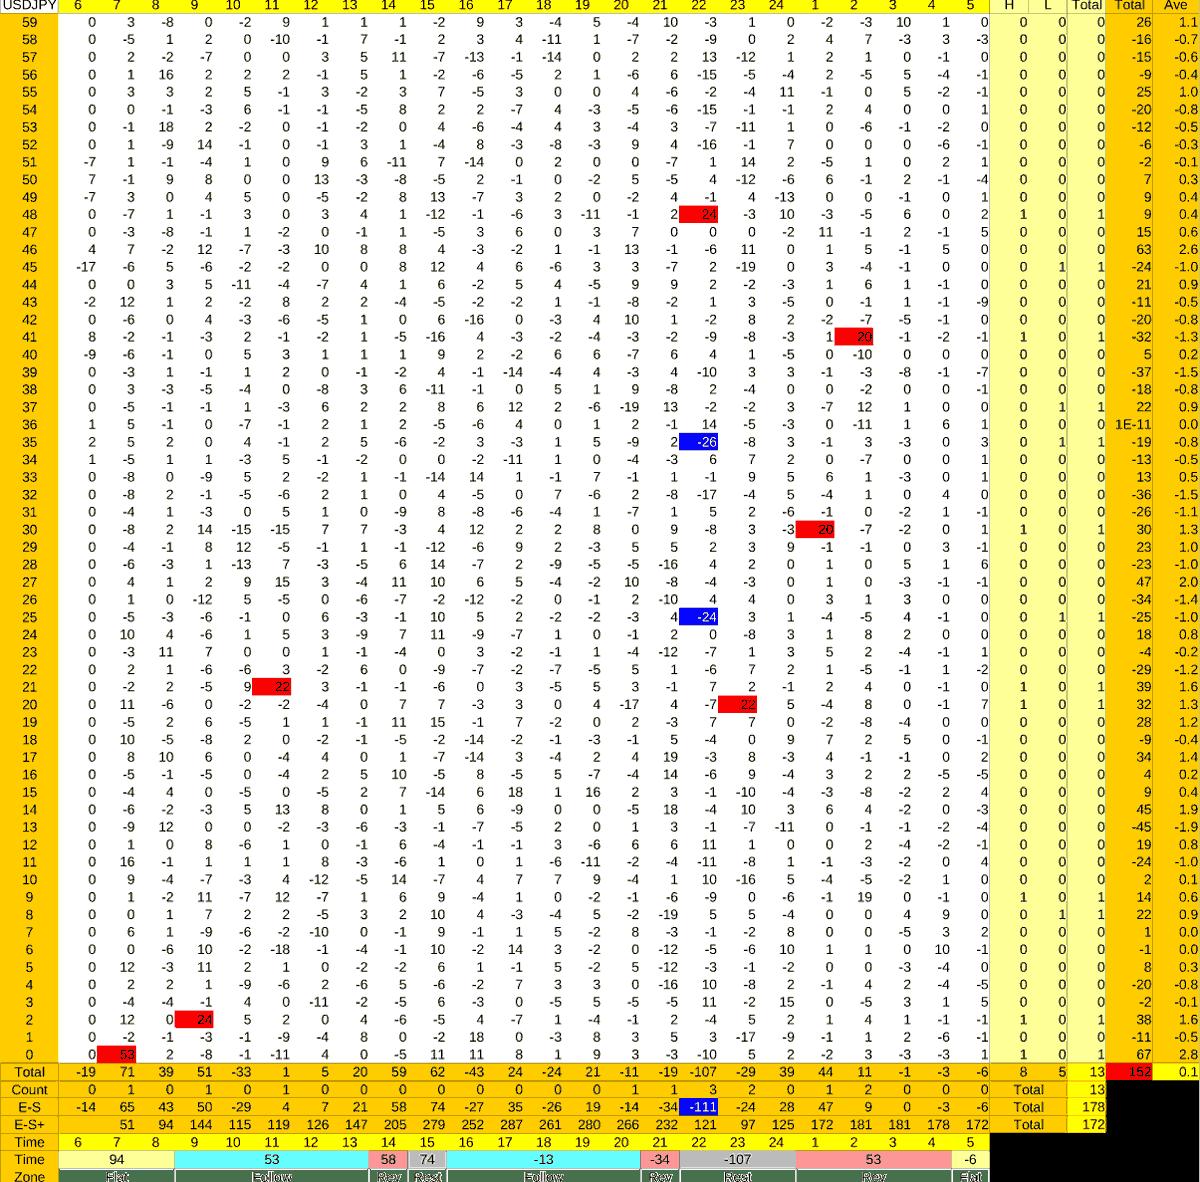 20210913_HS(1)USDJPY-min